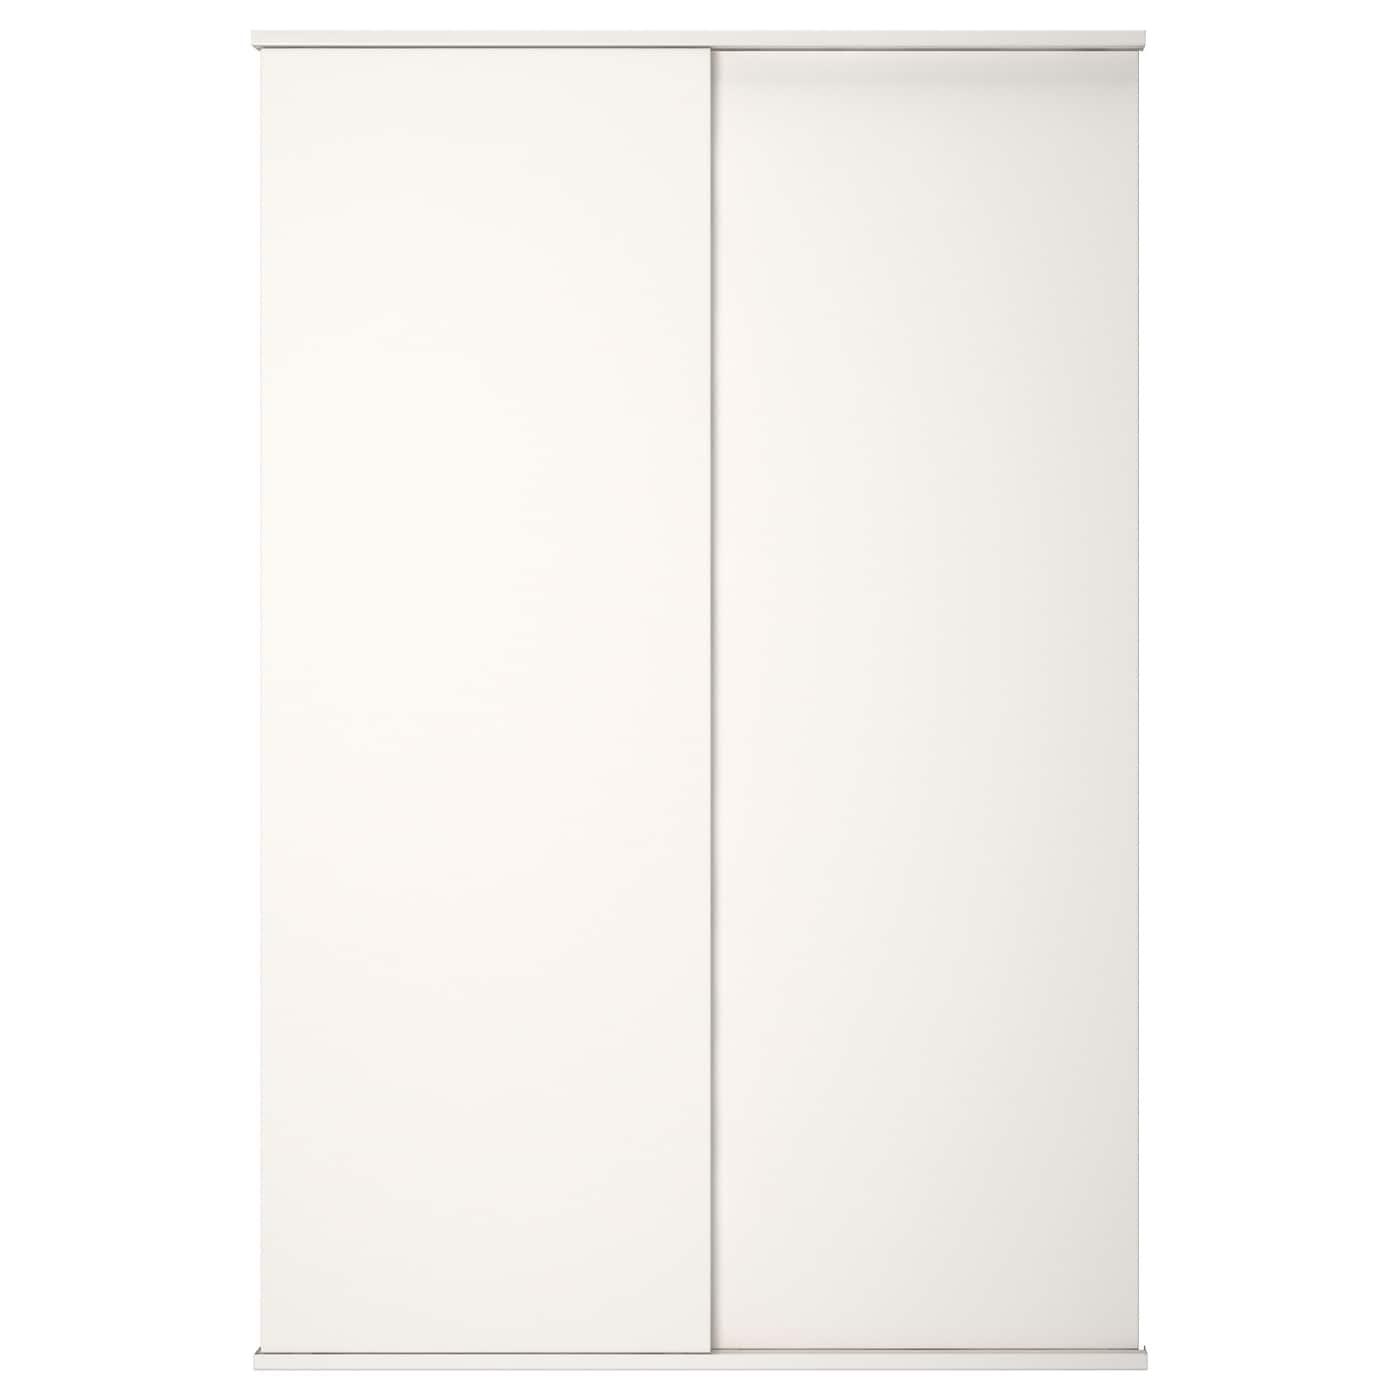 f pair sliding products en rvik ca catalog door cm ikea of doors